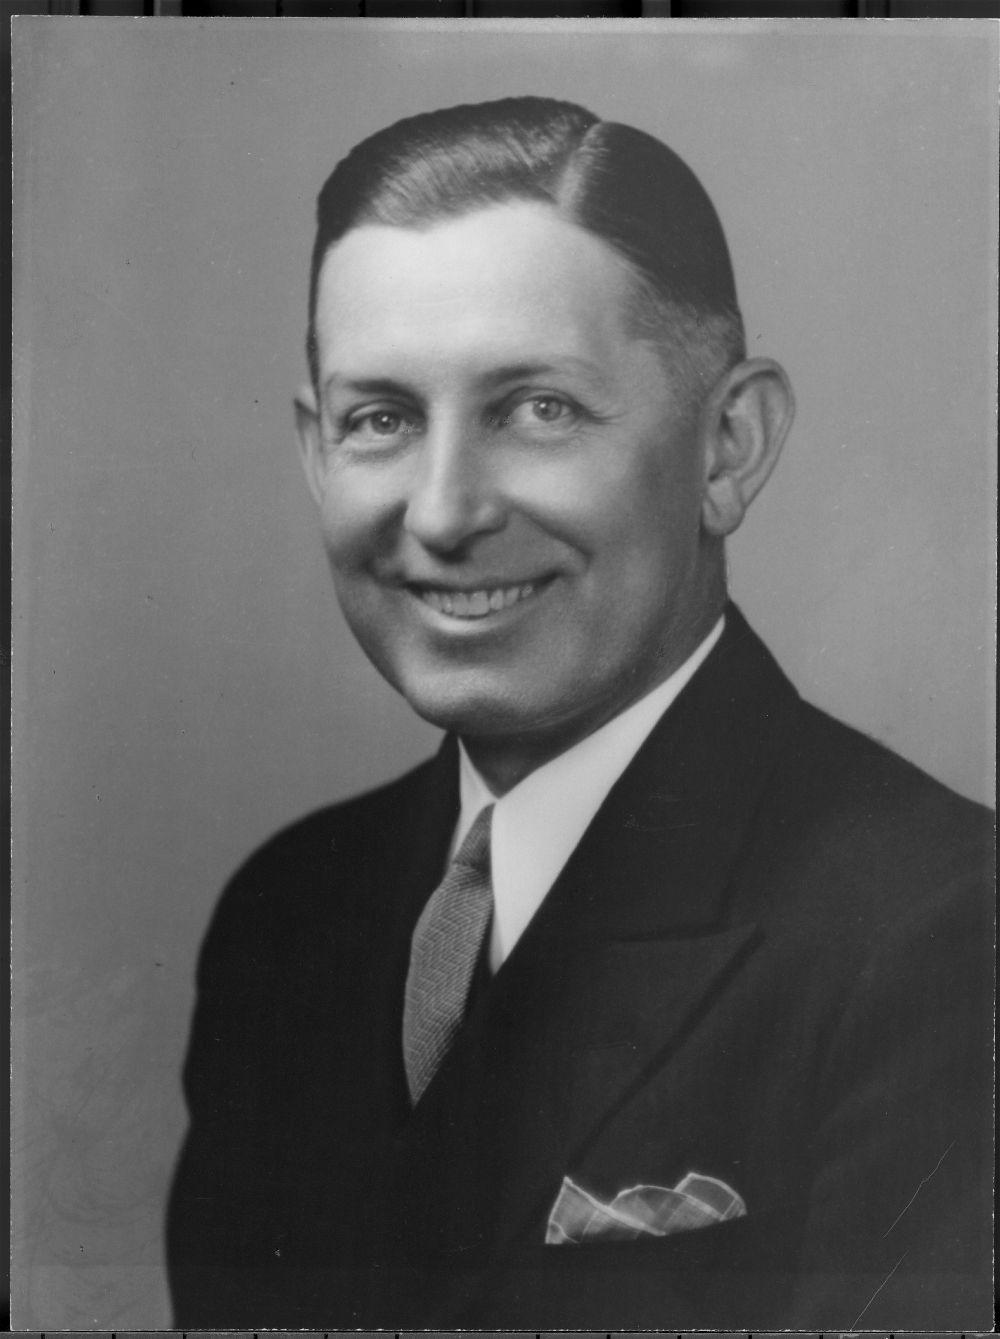 Harry M. Washington